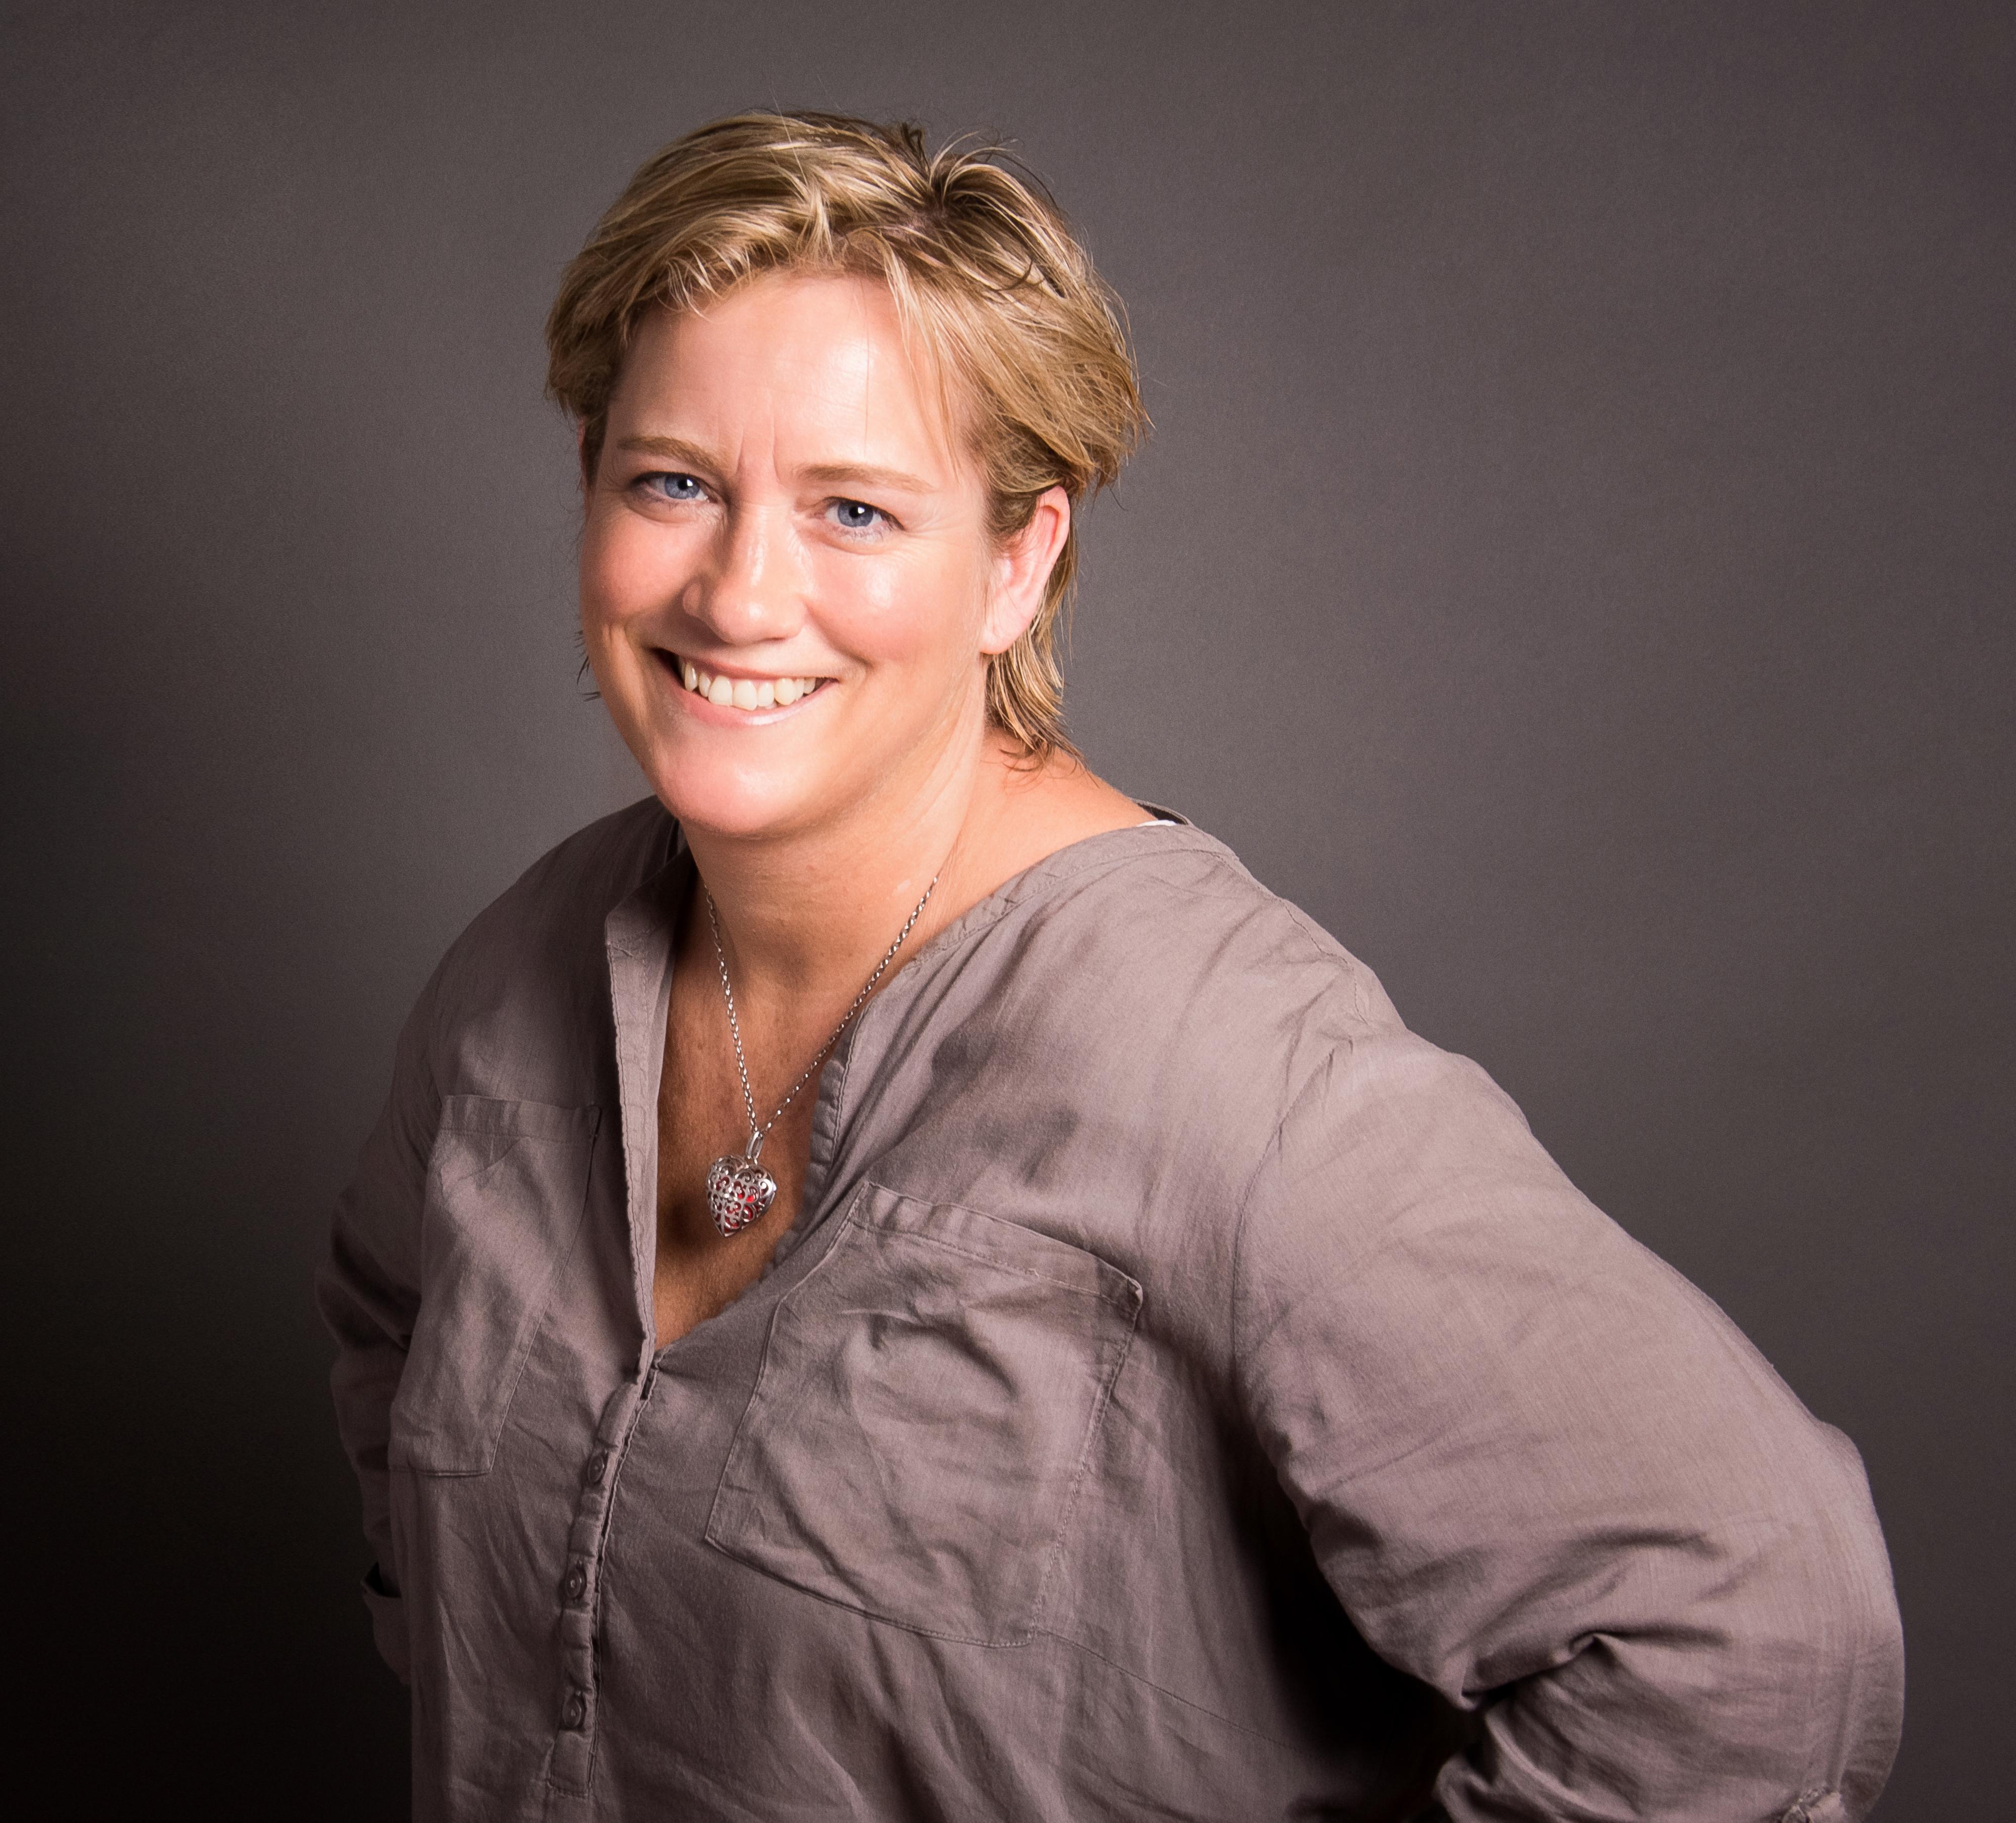 Portrait of Britta Grohmann